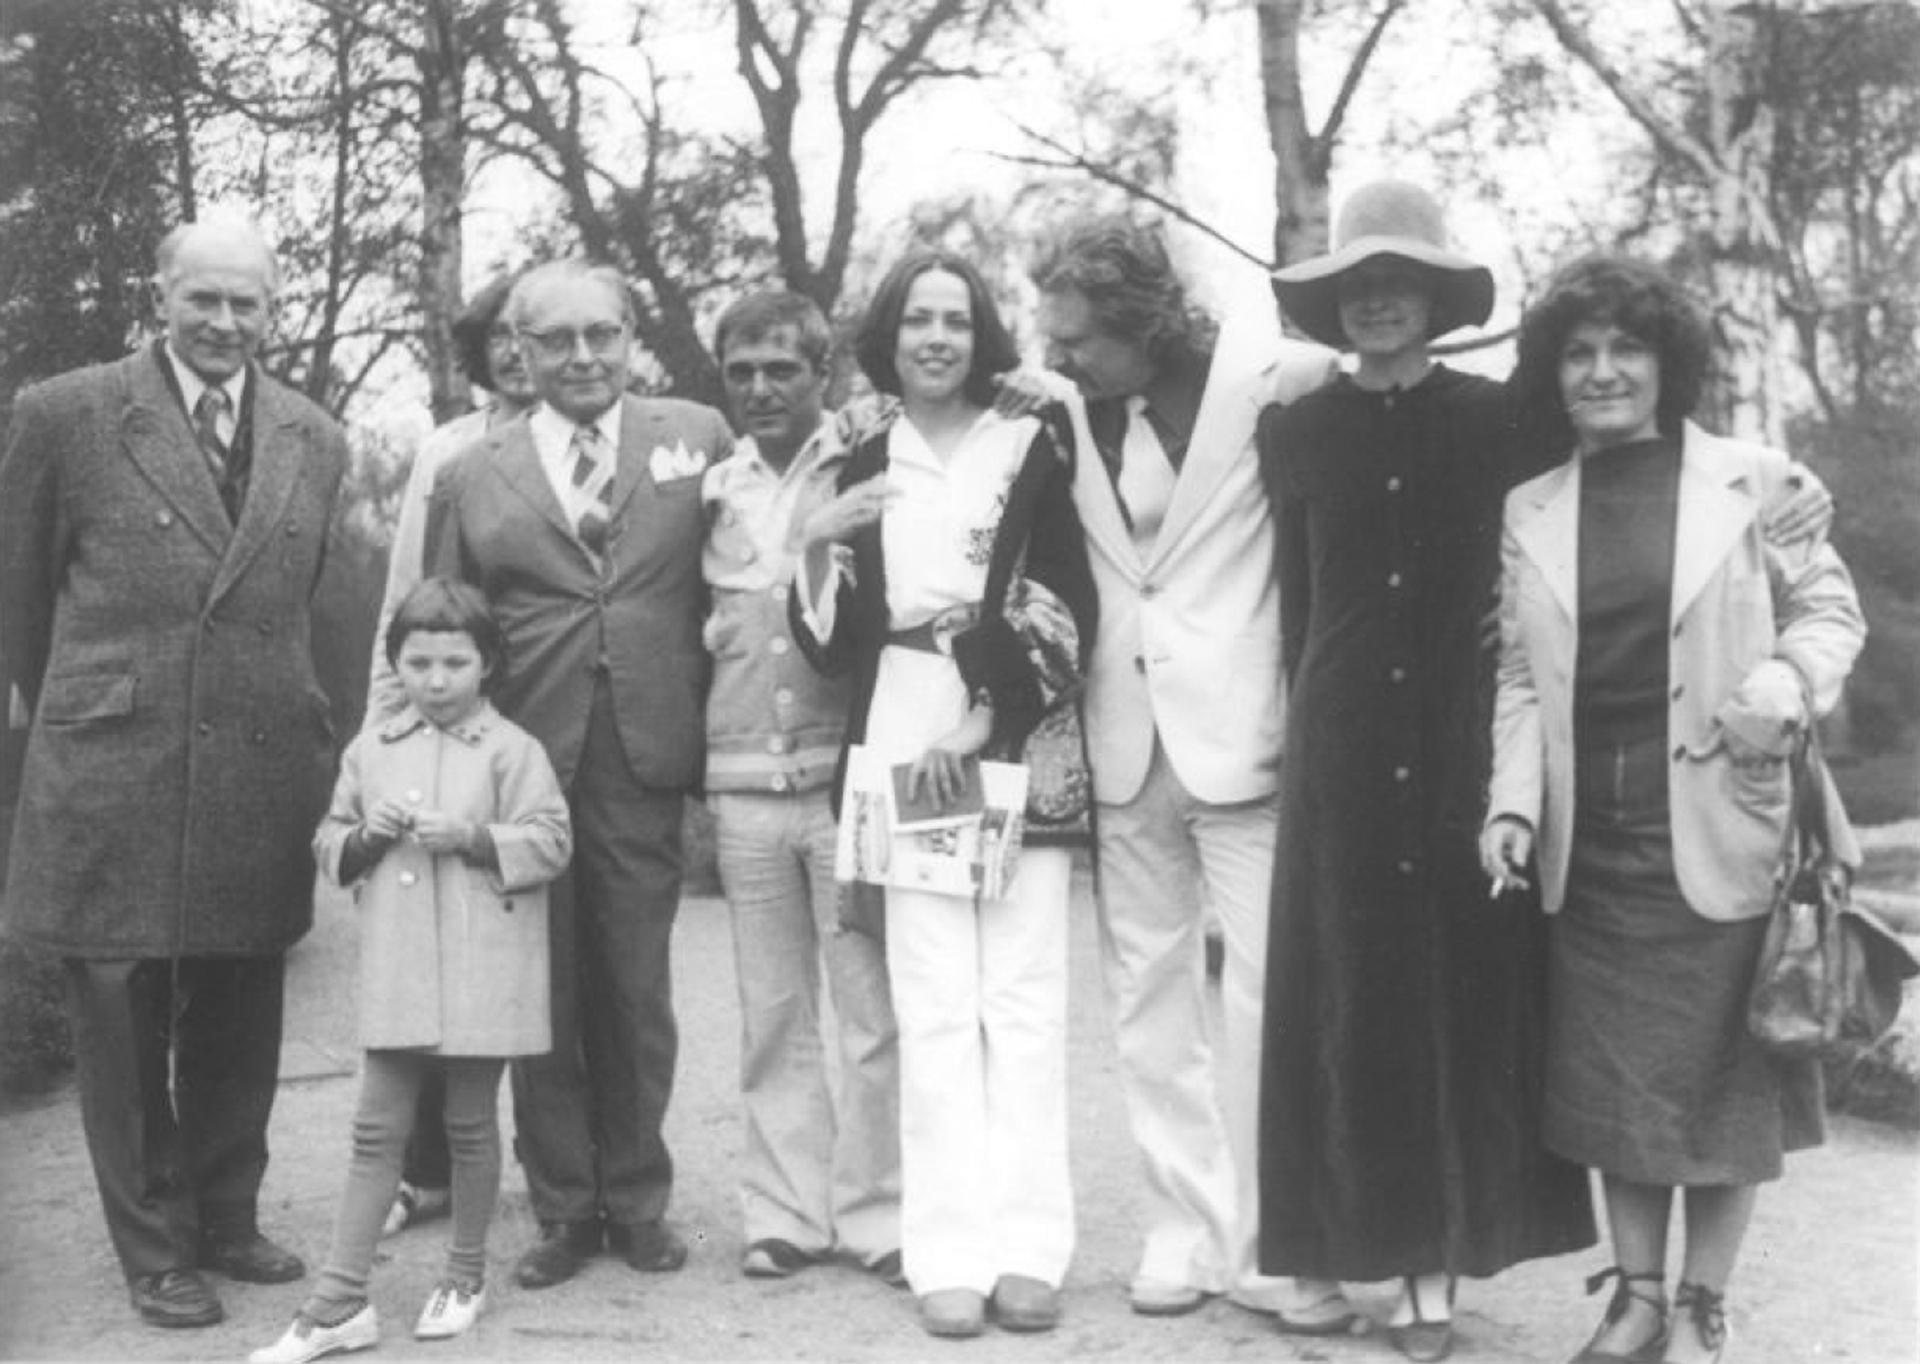 Zámek Roztoky u Prahy, 29.4. 1977, svatba, Helena Kontova a Giancarlo Politi se svedky Chalupeckym, Stemberou a Milanem a Marii Knizakovymi..jpg